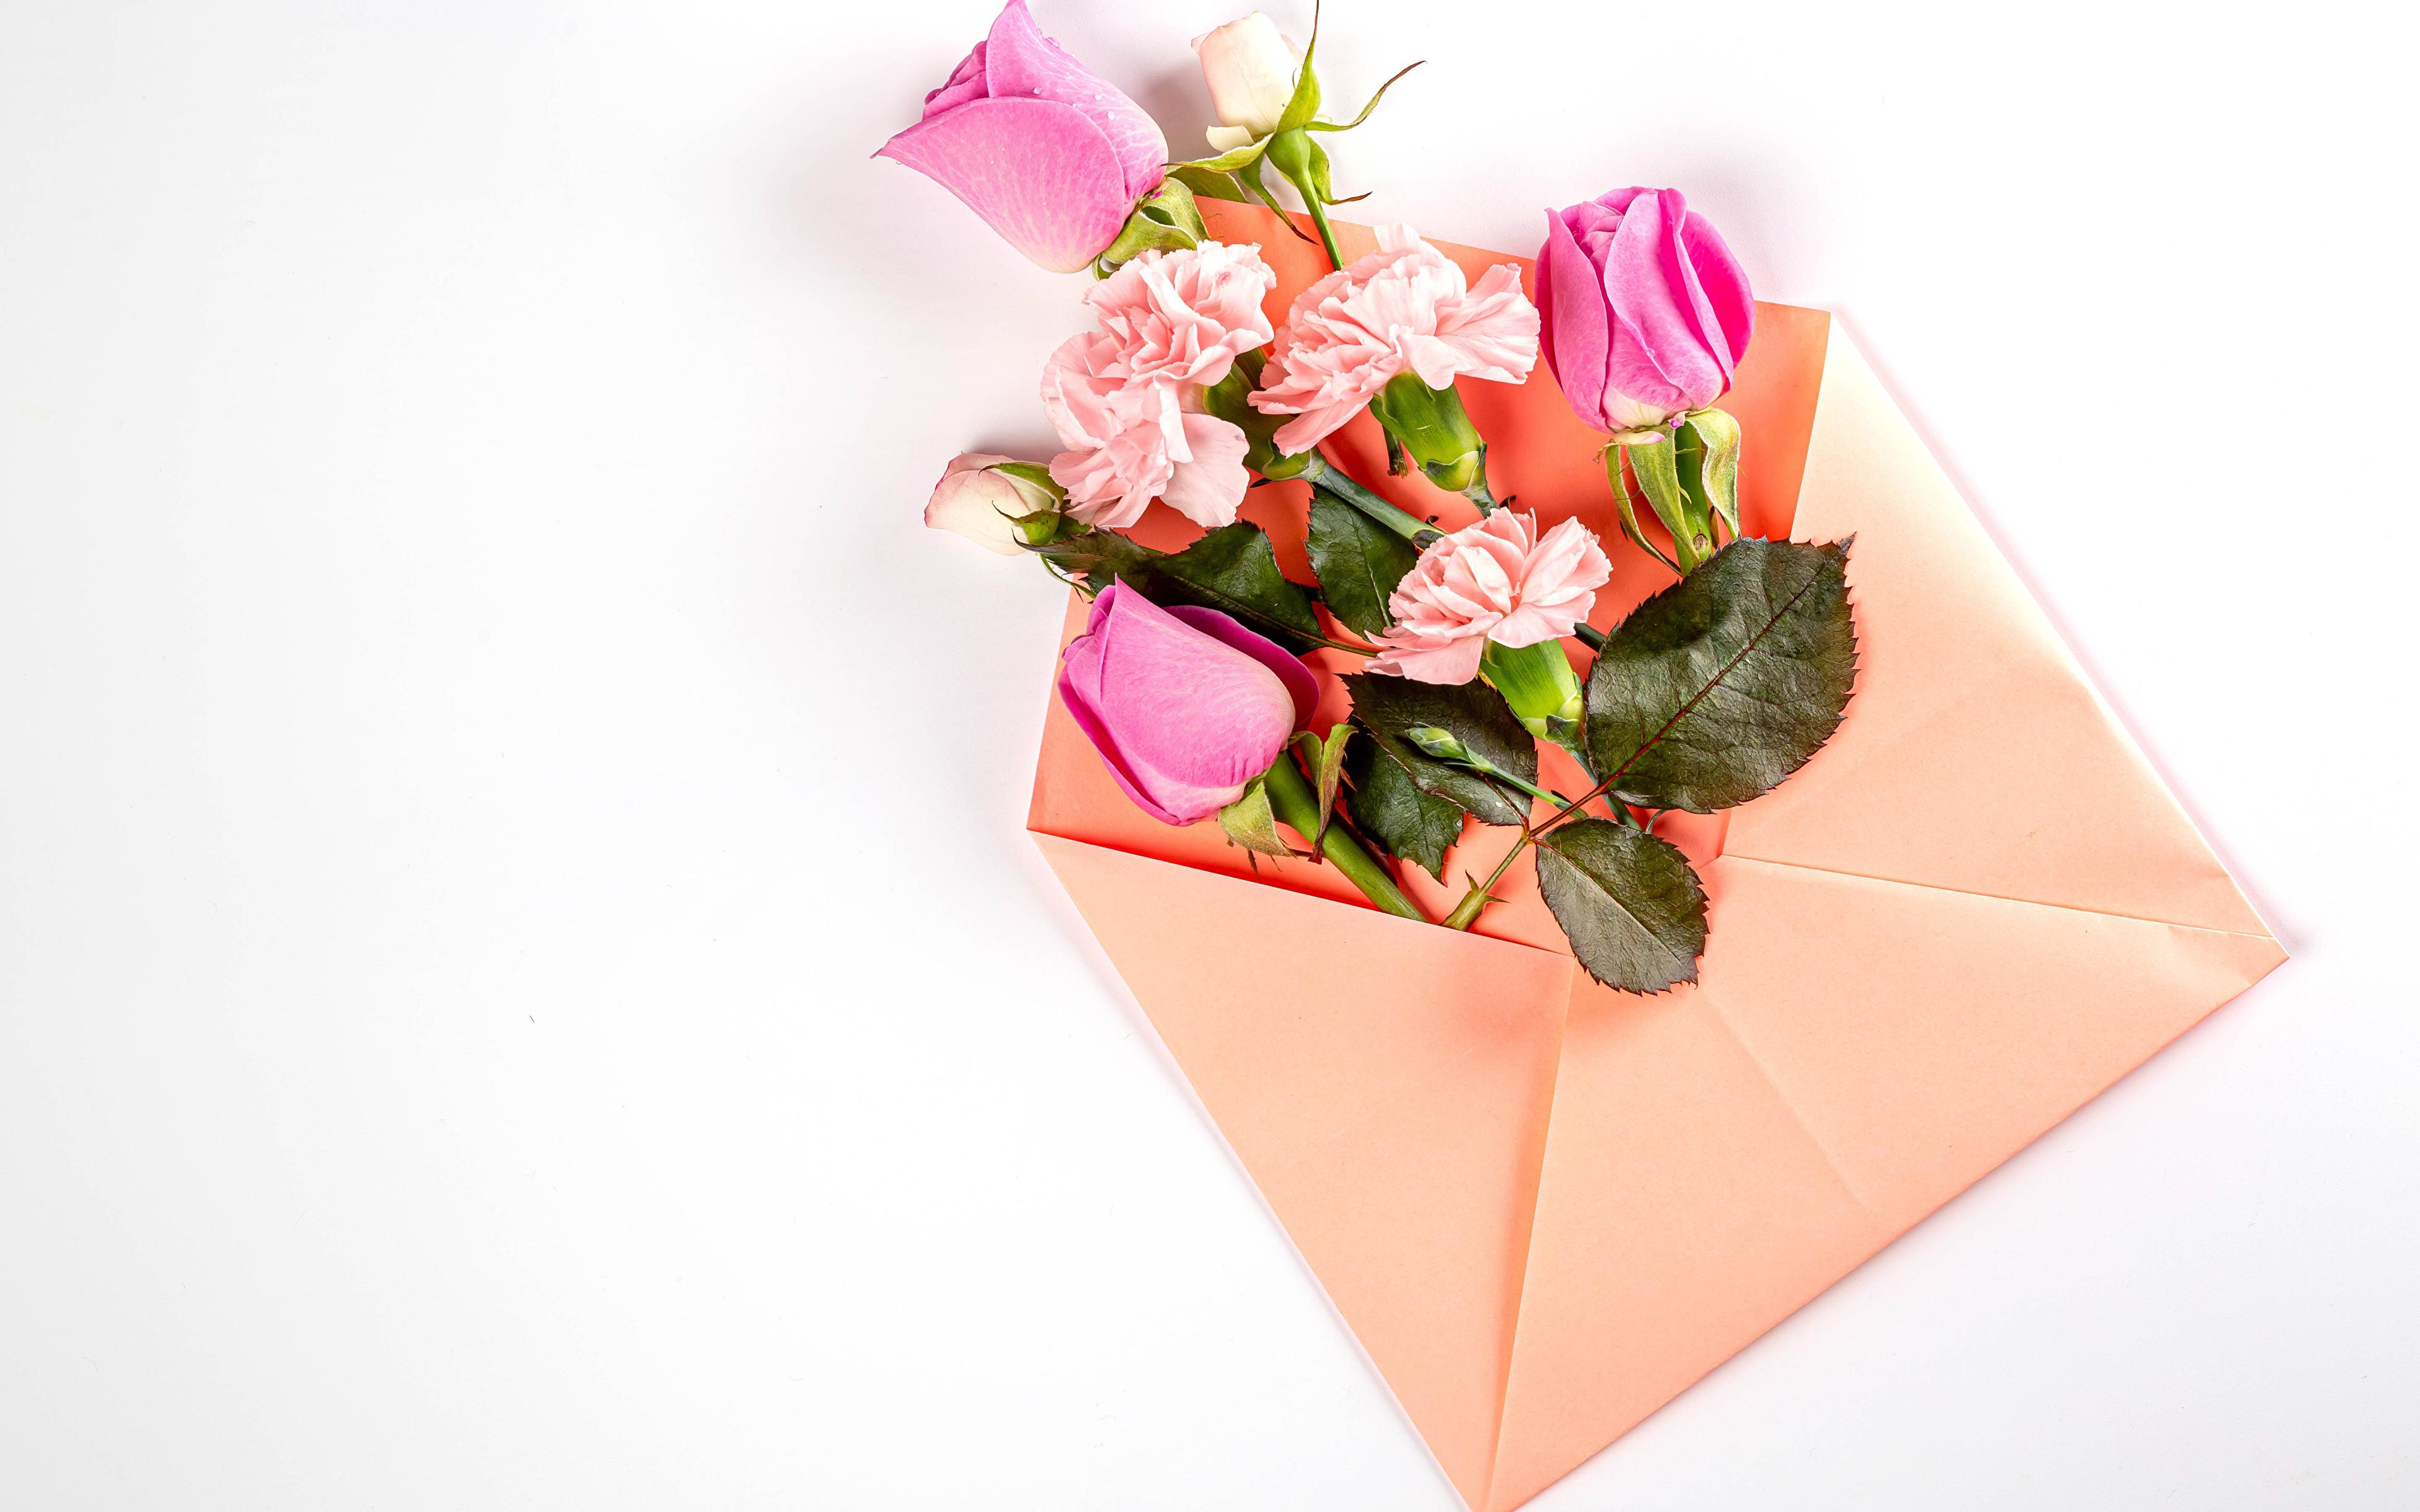 Fotos Briefumschlag Rose Nelken Blumen Vorlage Grußkarte Weißer hintergrund 3840x2400 Rosen Blüte